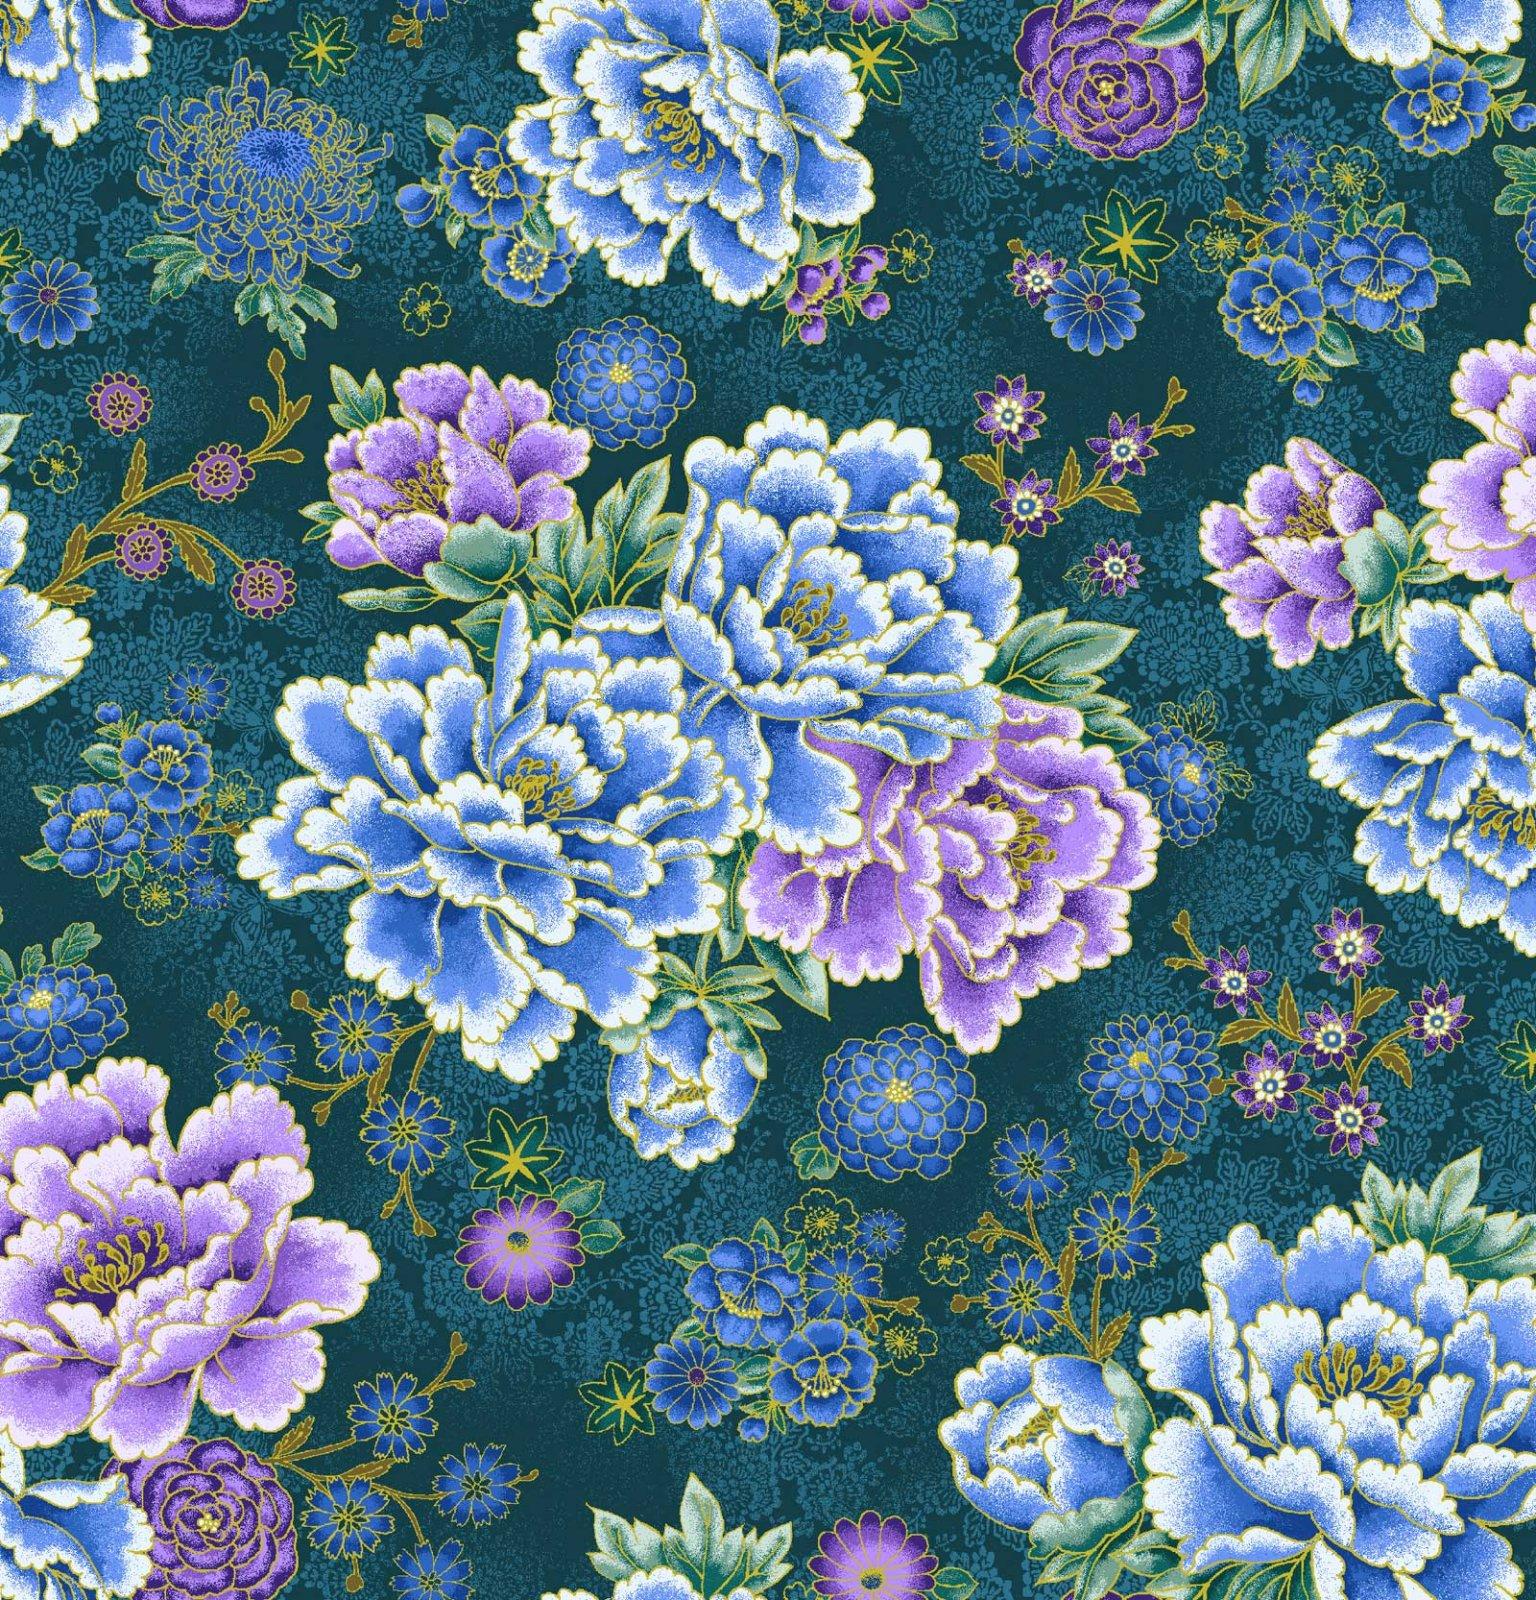 Asian Garden, Floral Metallic